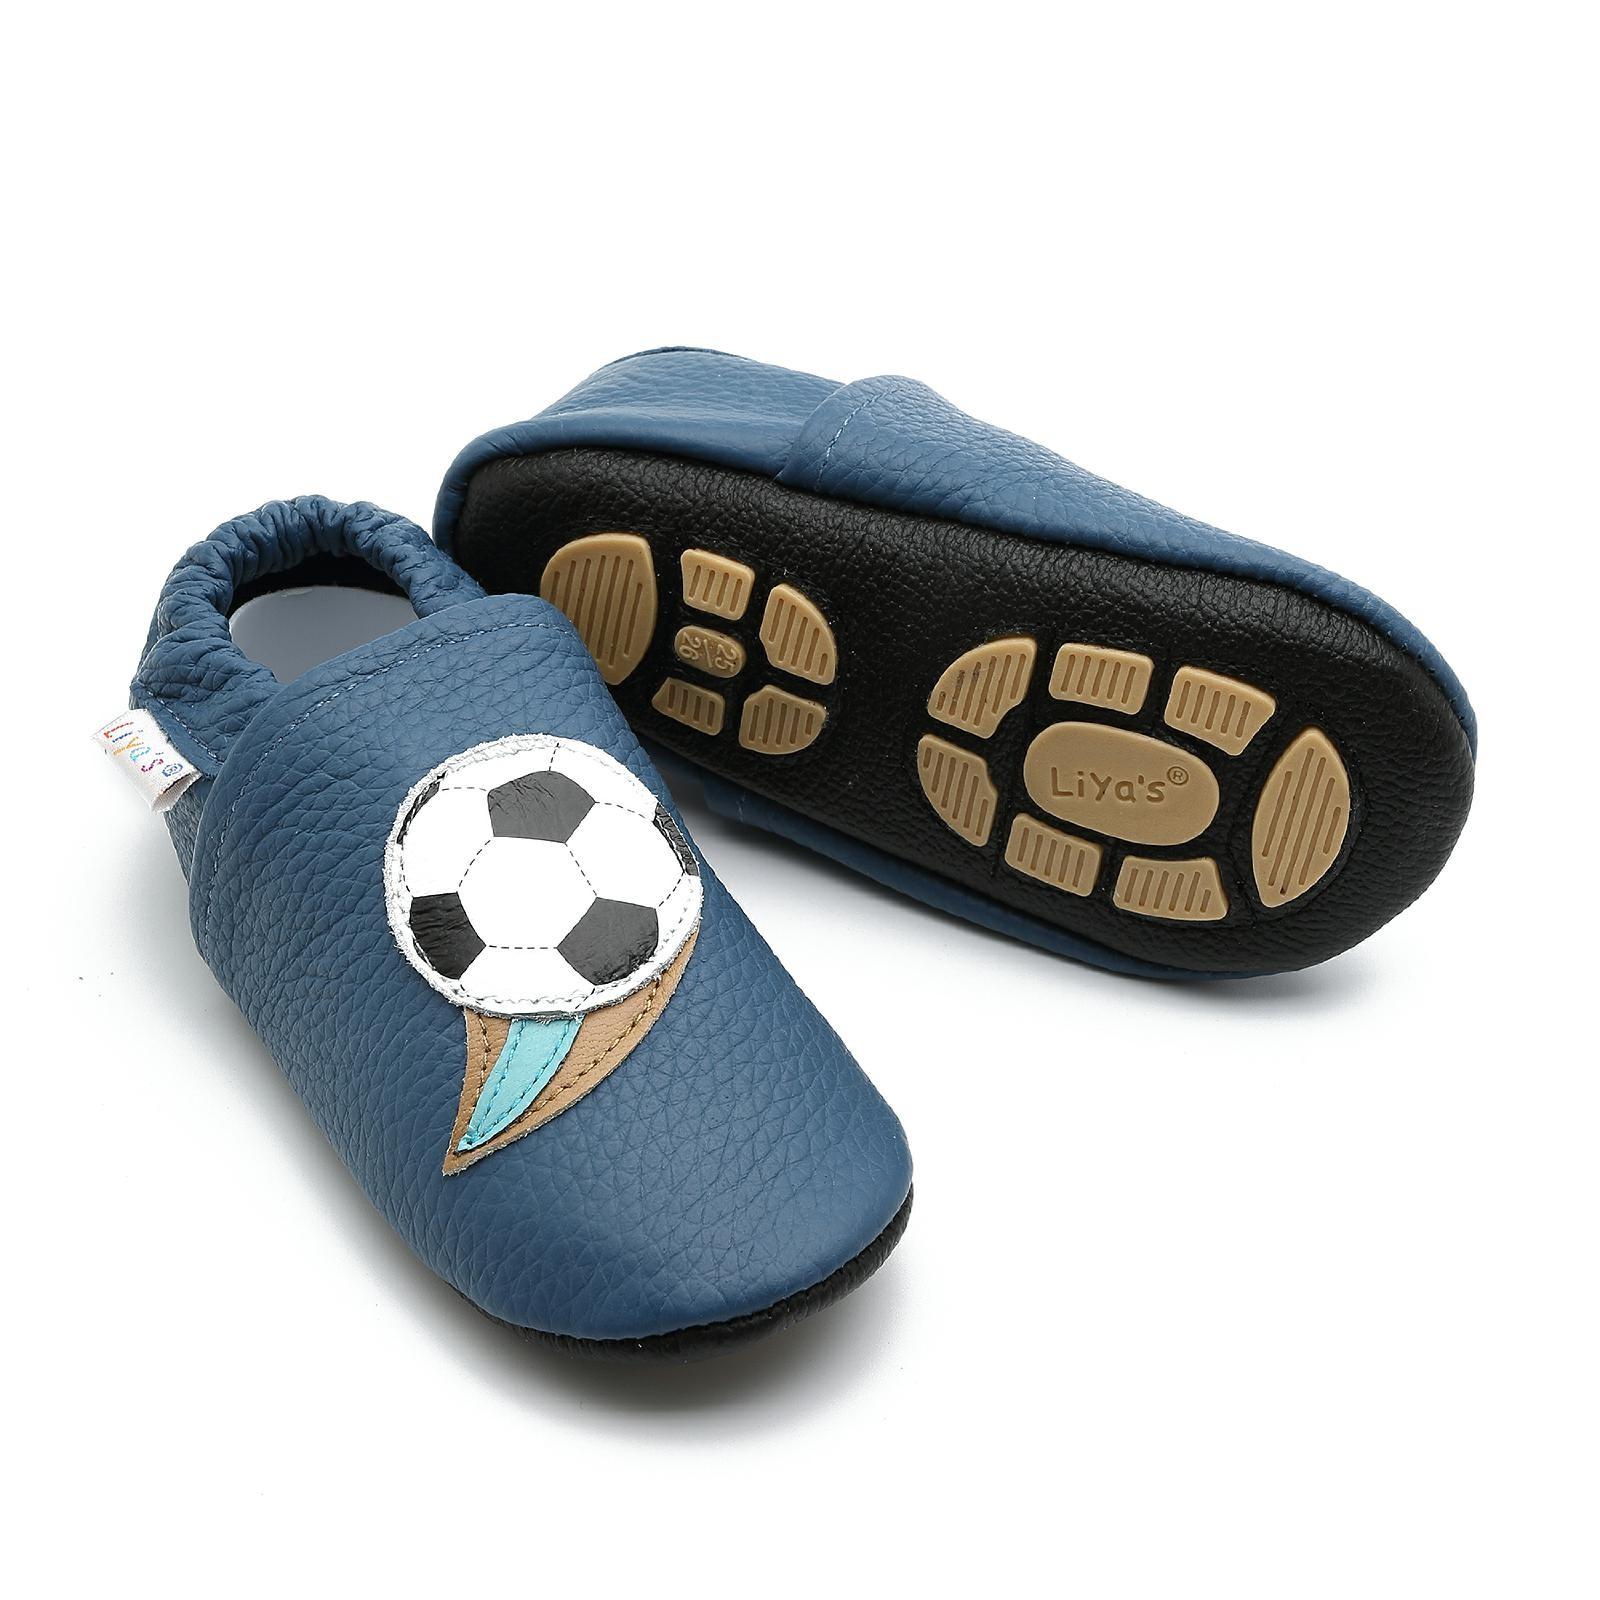 Liya's Hauschuhe mit Gummisohle - #658 Fußball in blau